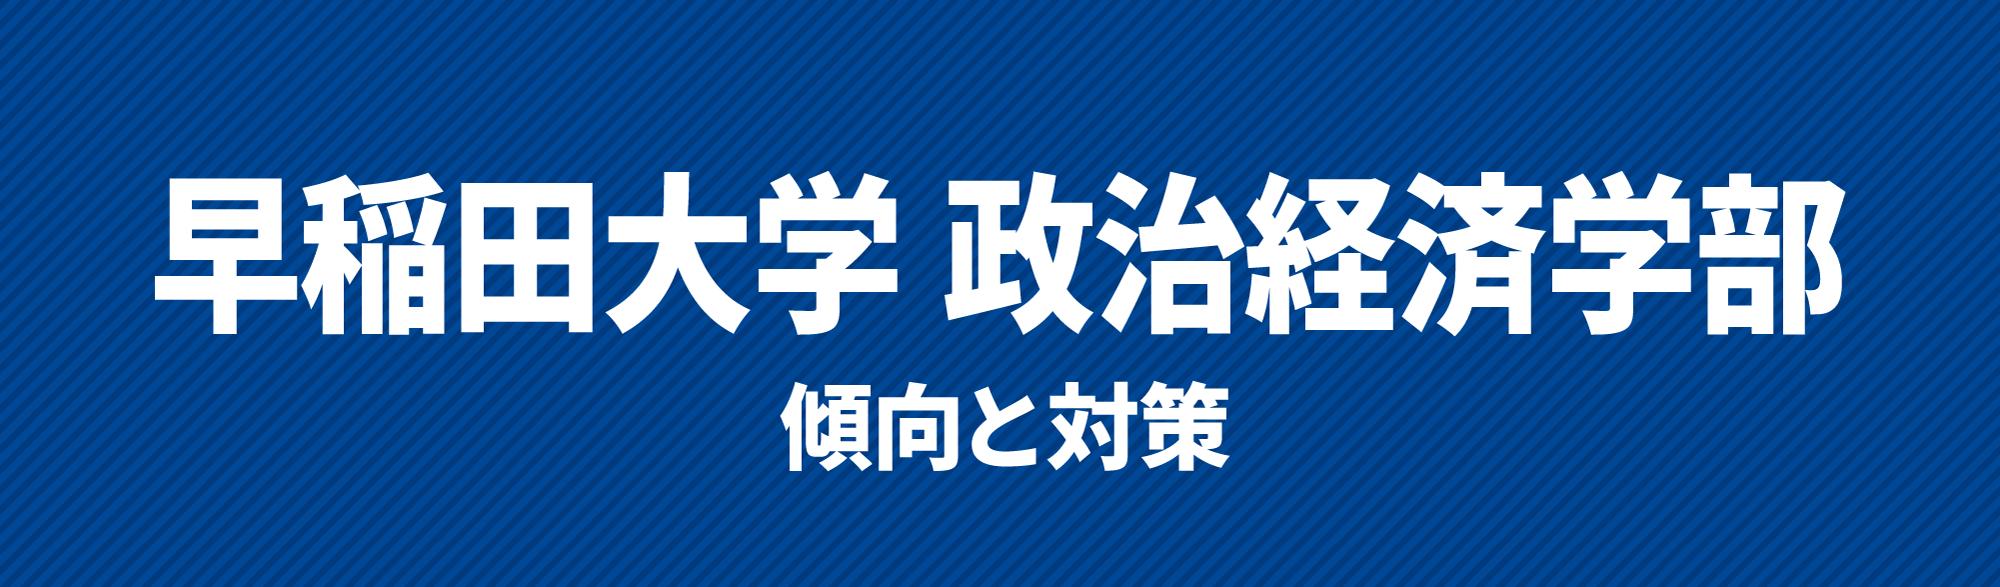 早稲田大学政治経済学部傾向と対策